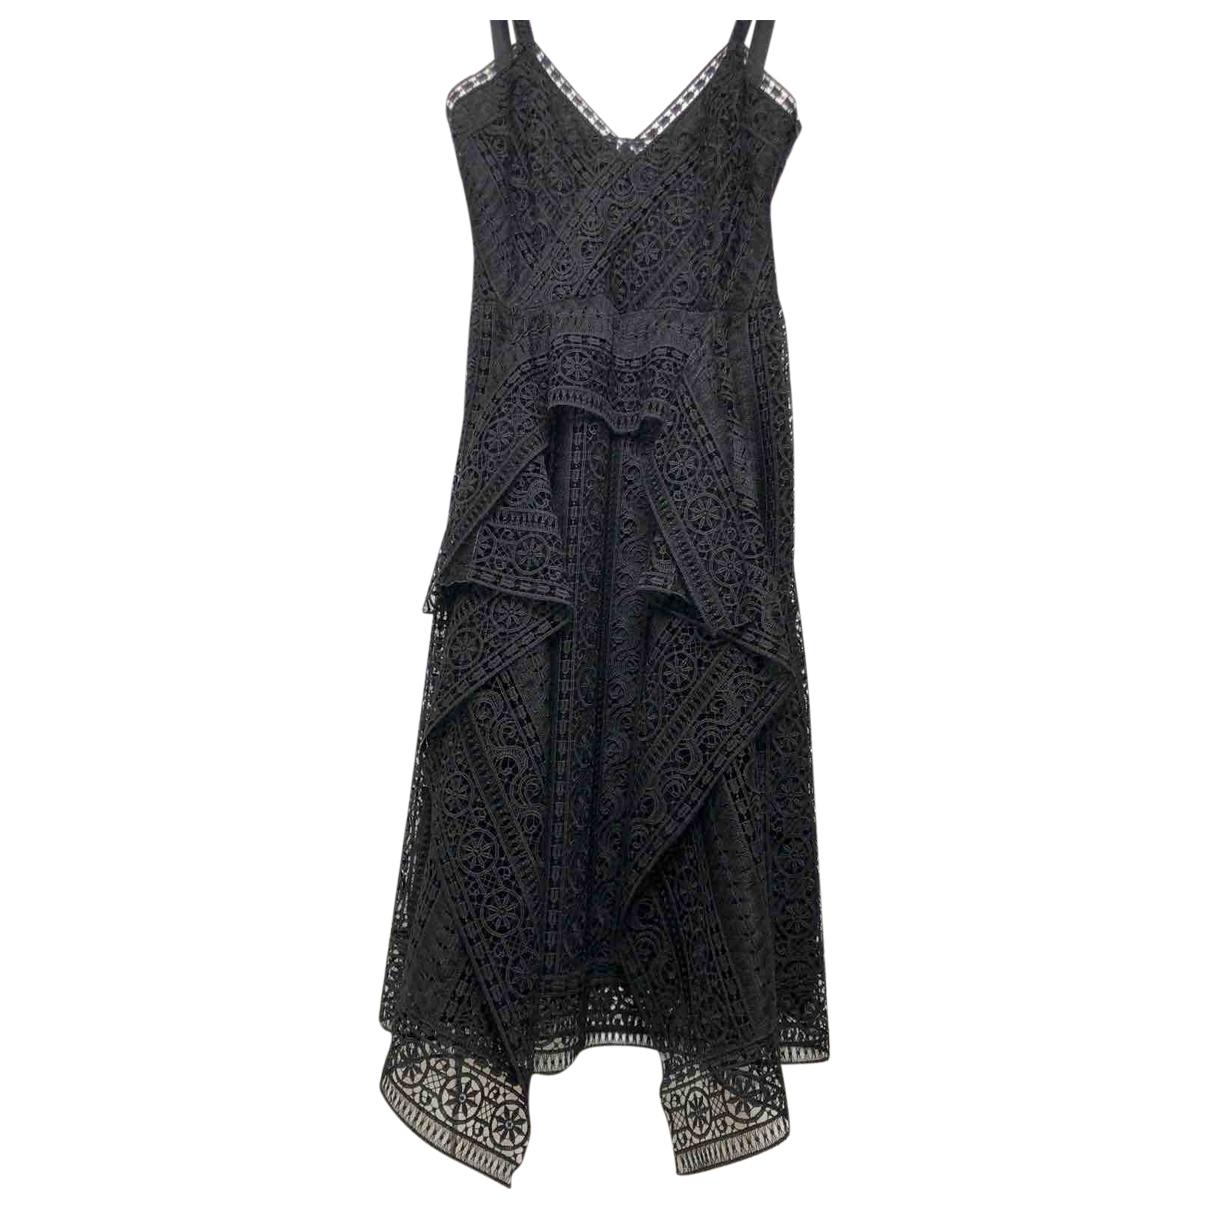 Alberta Ferretti \N Black dress for Women 40 IT